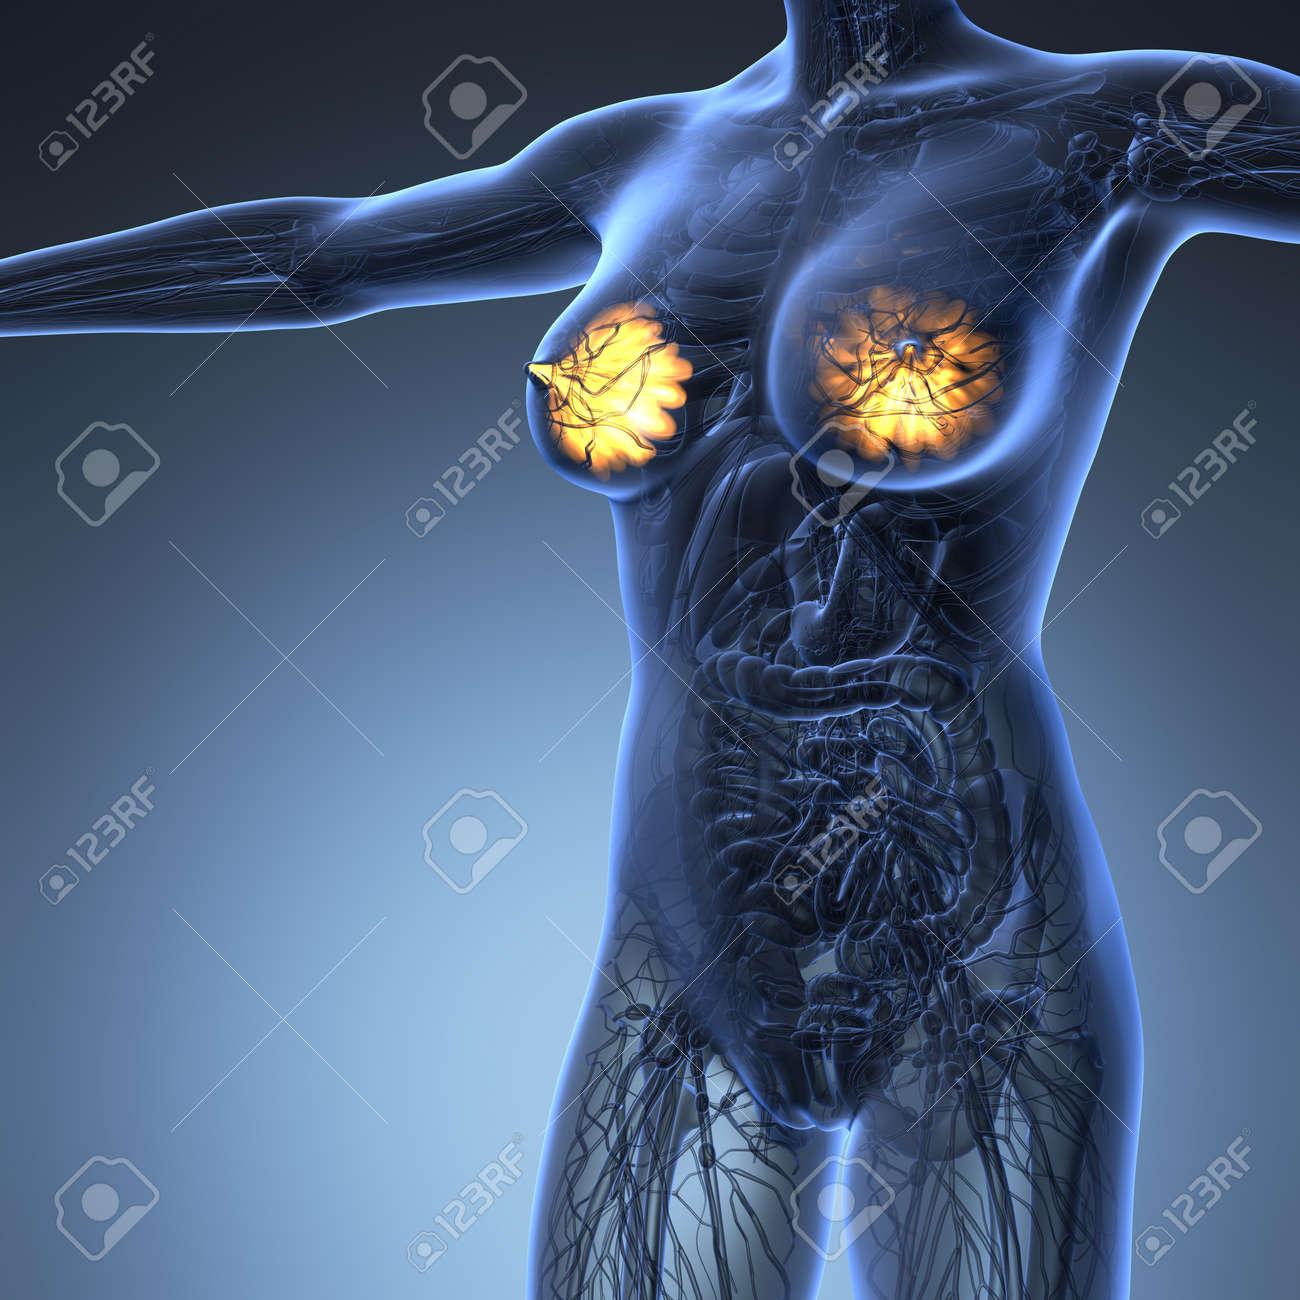 Wissenschaft Anatomie Des Menschlichen Körpers In X-ray Mit Glühen ...